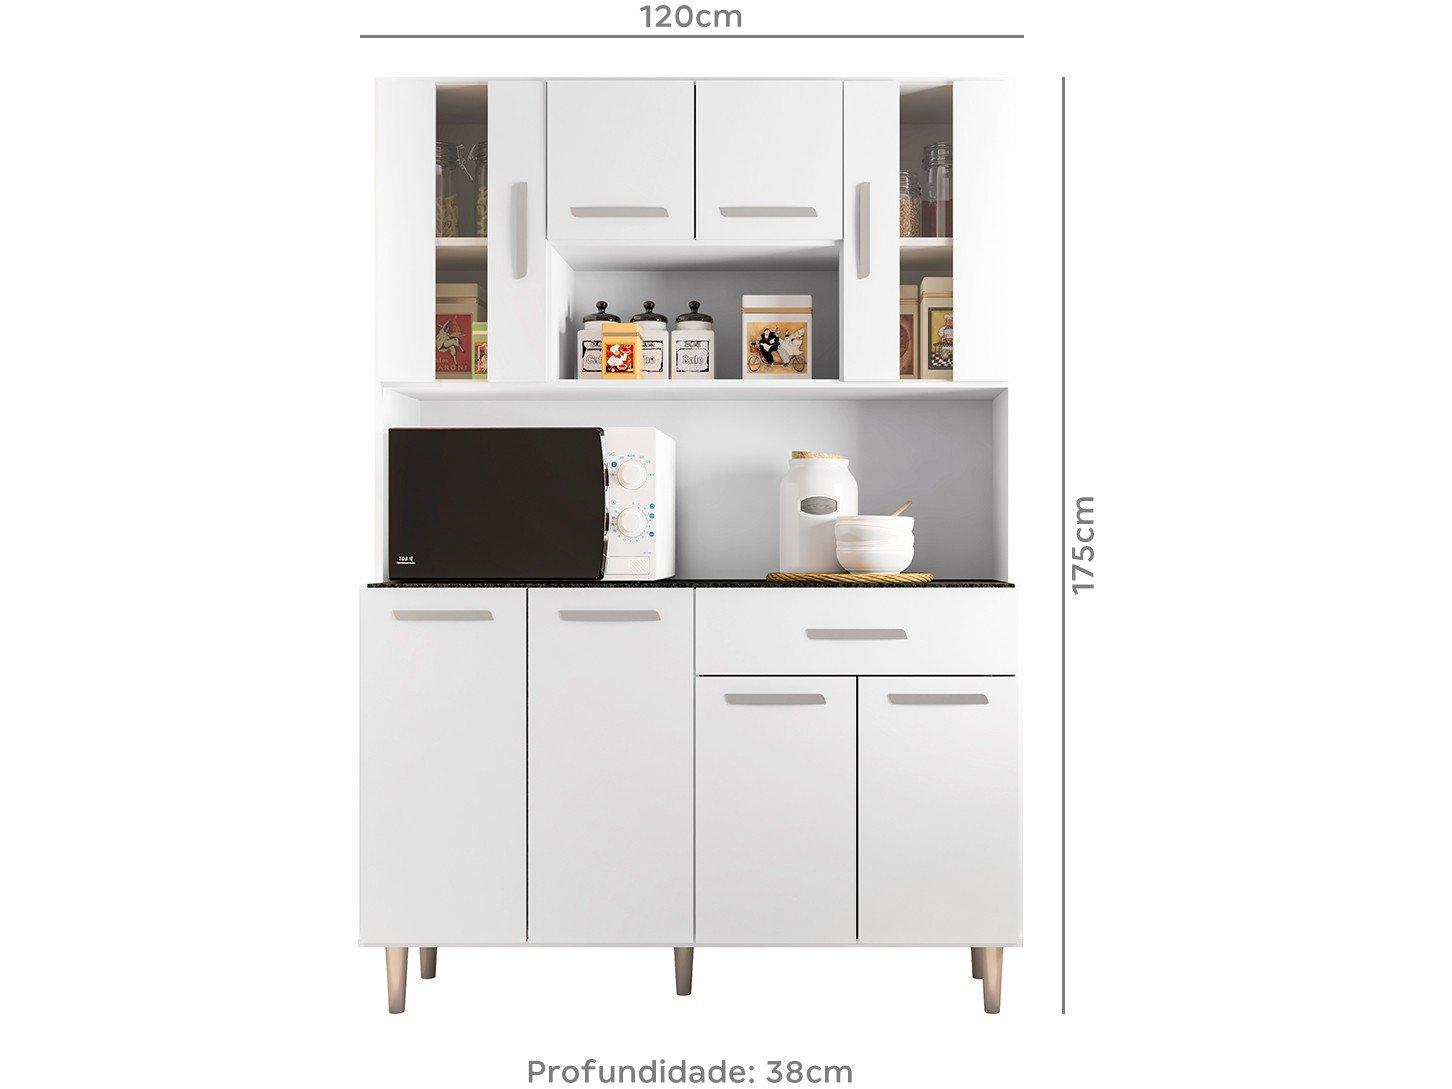 Foto 4 - Cozinha Compacta Poliman Gabi com Balcão - Nicho para Micro-ondas 8 Portas 1 Gaveta